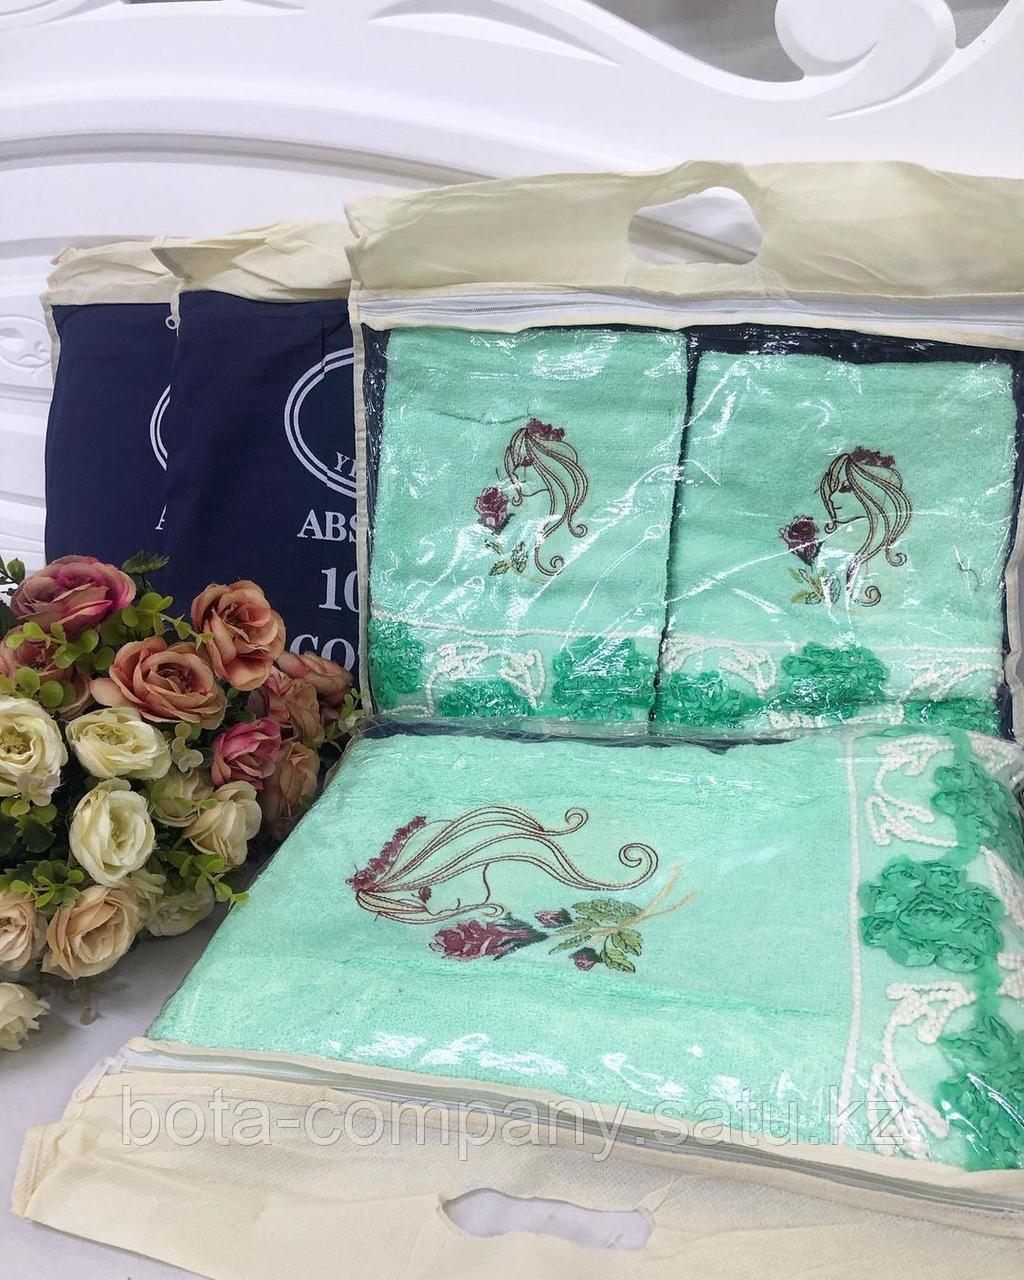 Полотенце 3 в1 в сумке